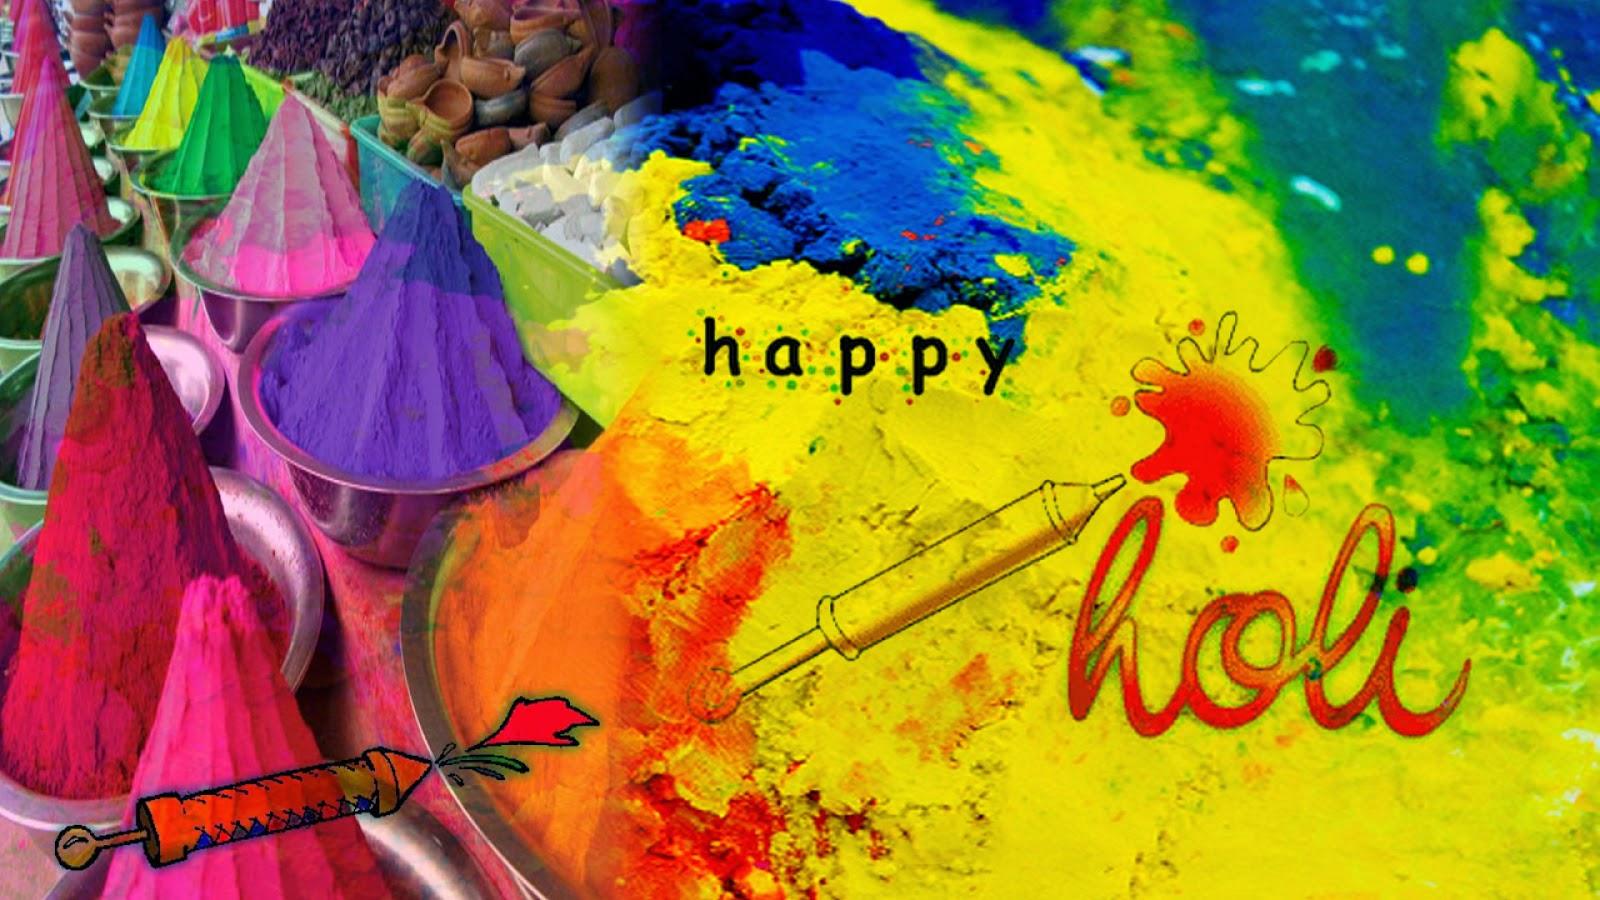 Dhulandi | Rangpanchami | Basant Utsav | Kaman Pandigai | Phagu Purnima HD Large Size Wallpapers Happy Holi 2014